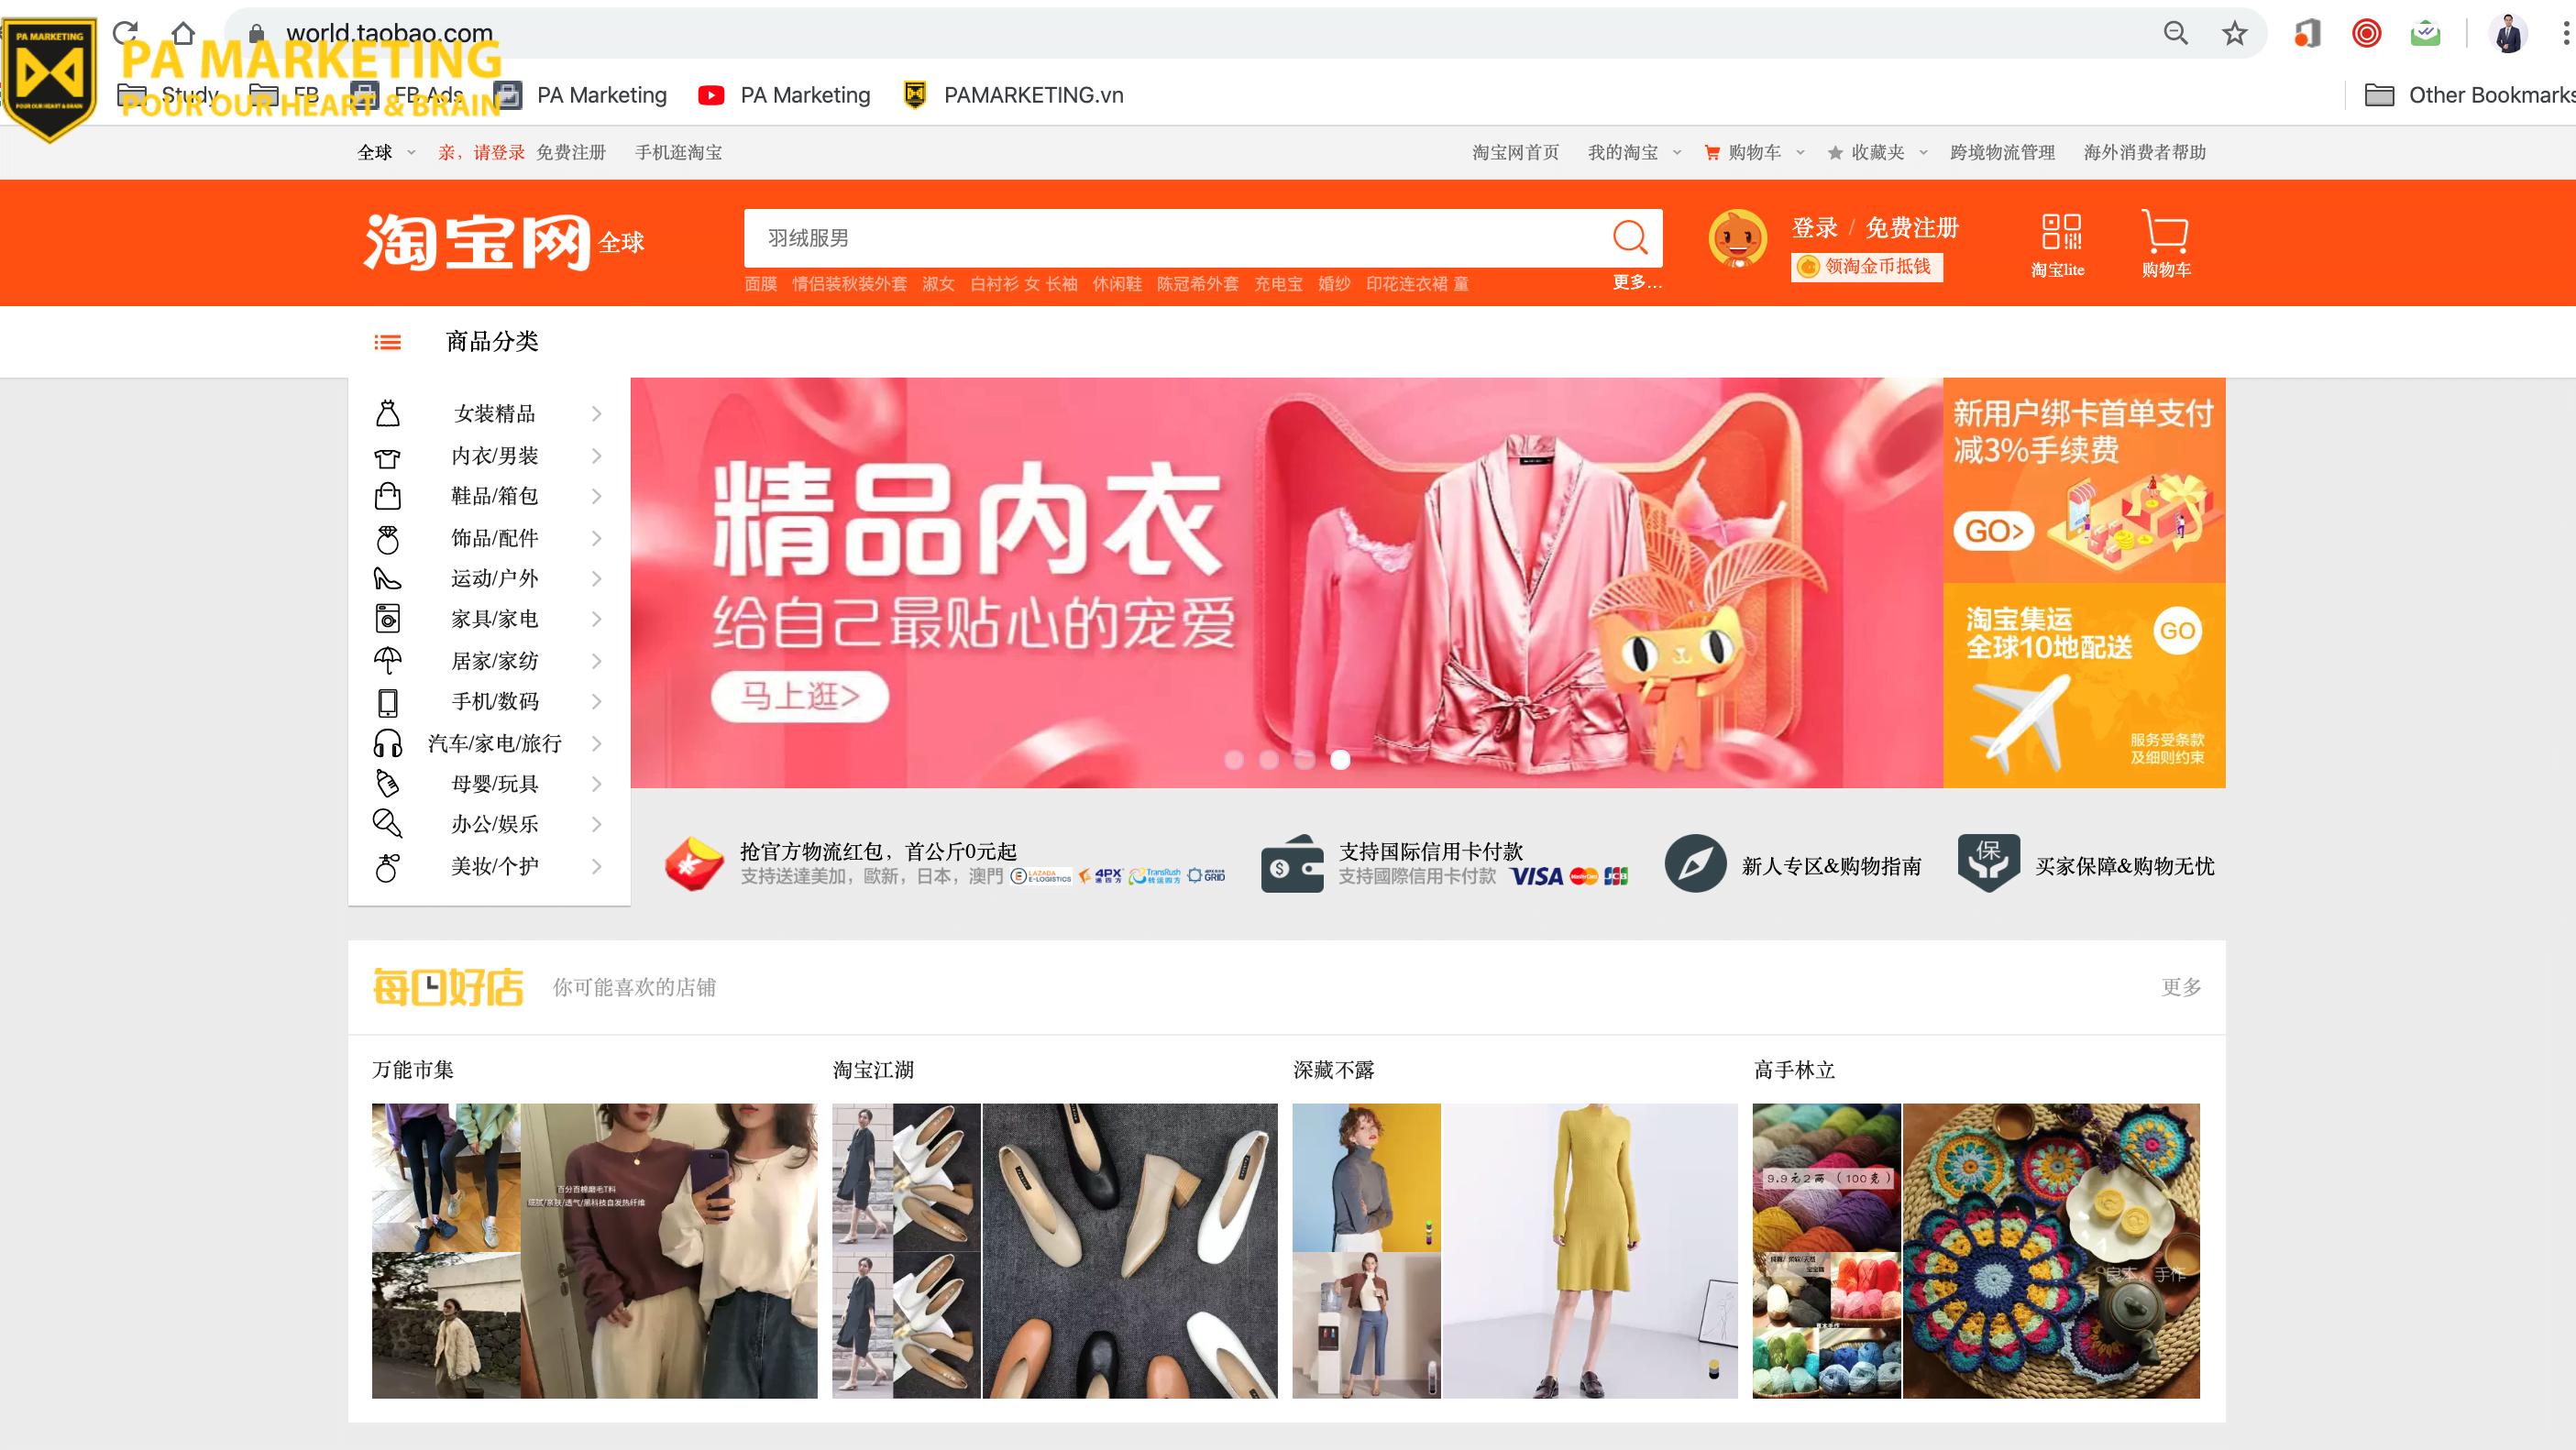 Nhap hang tren trang web taobao